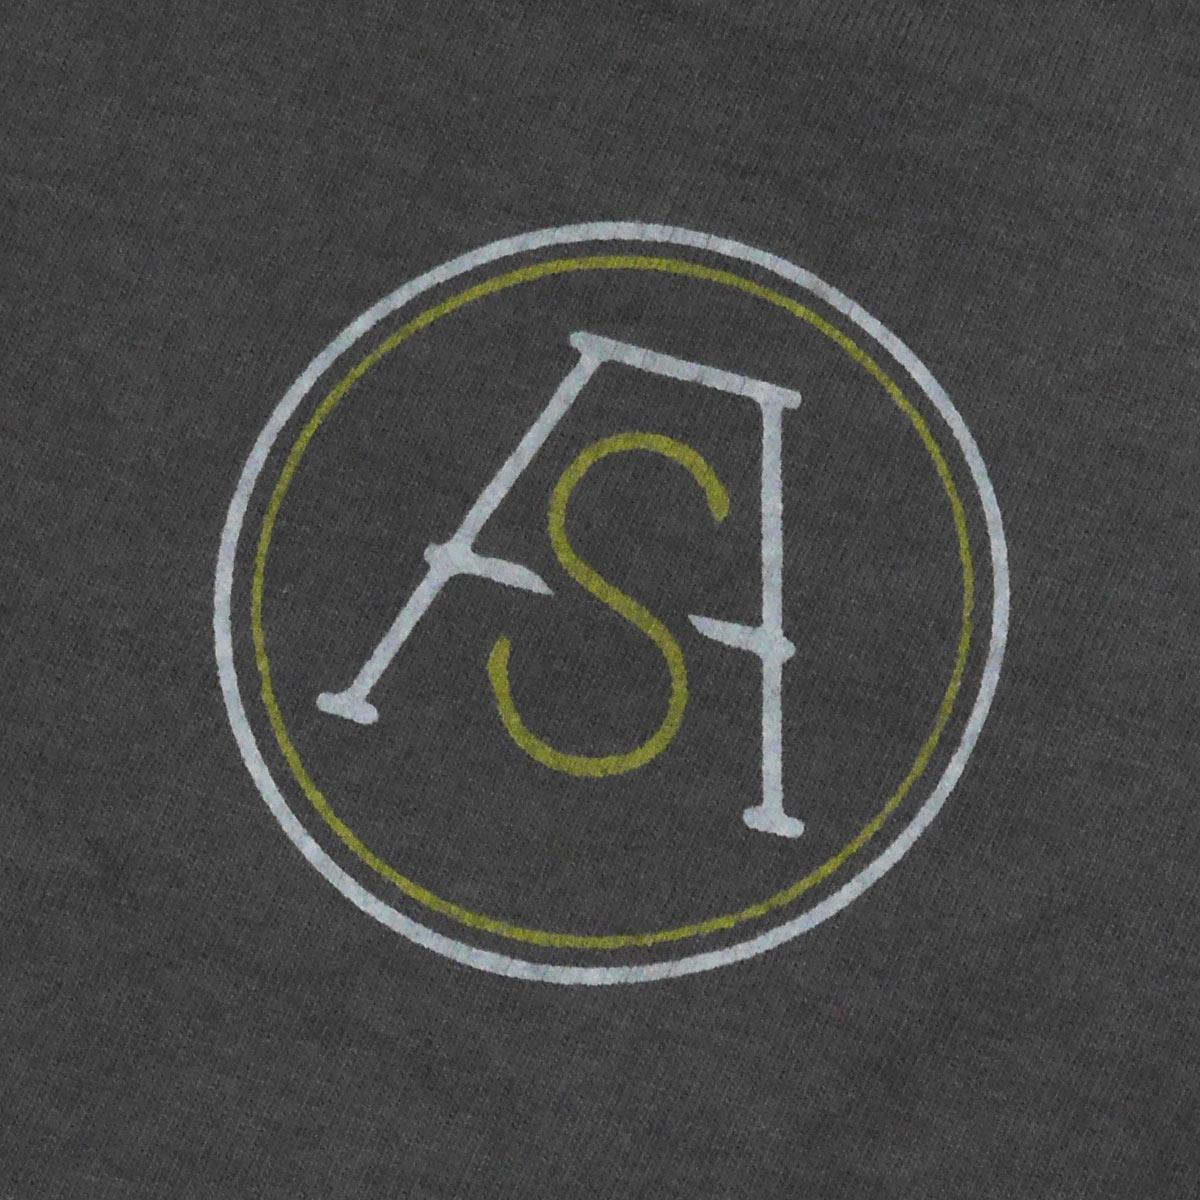 Almond Surf アーモンドサーフボードデザイン COSTA MESA